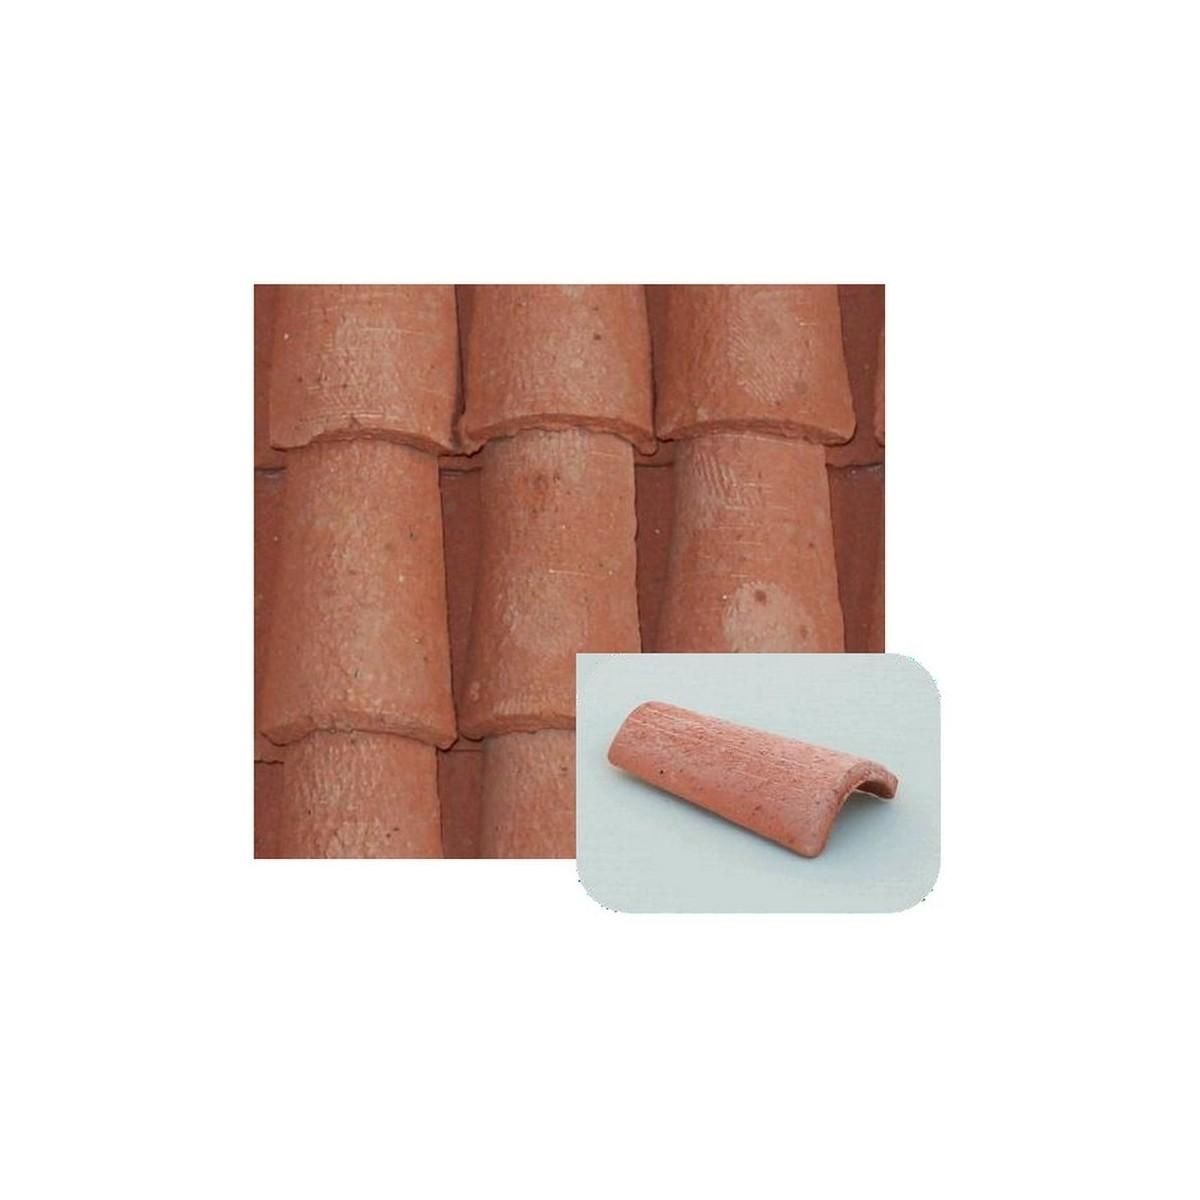 Coppi in terracotta mm 17x27 disponibile in: